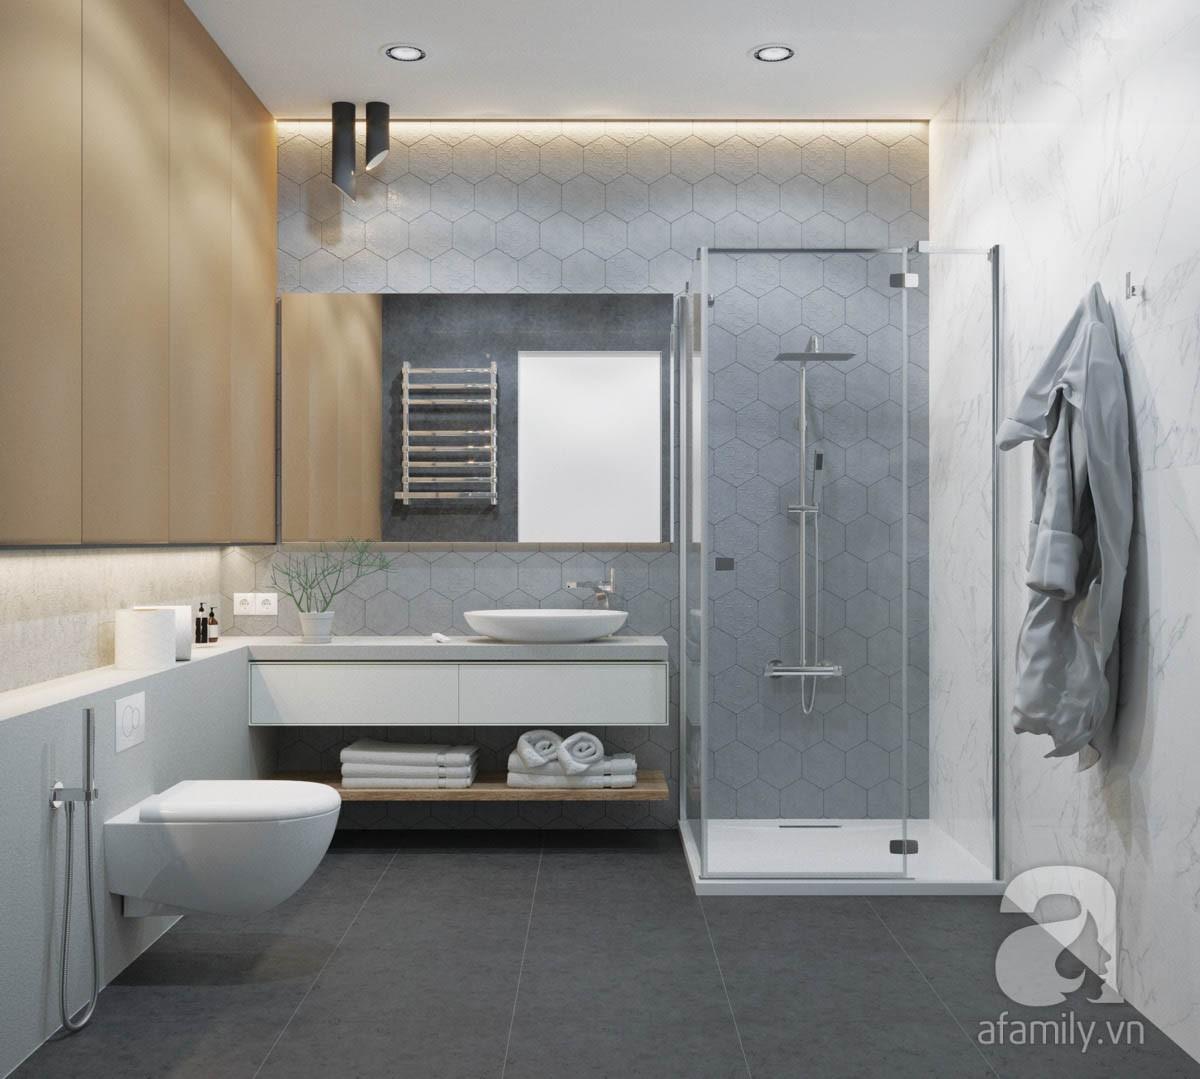 Chỉ với 100 triệu, đôi vợ chồng trẻ đã được KTS tư vấn thiết kế cho căn hộ 49m² với đầy đủ công năng - Ảnh 7.